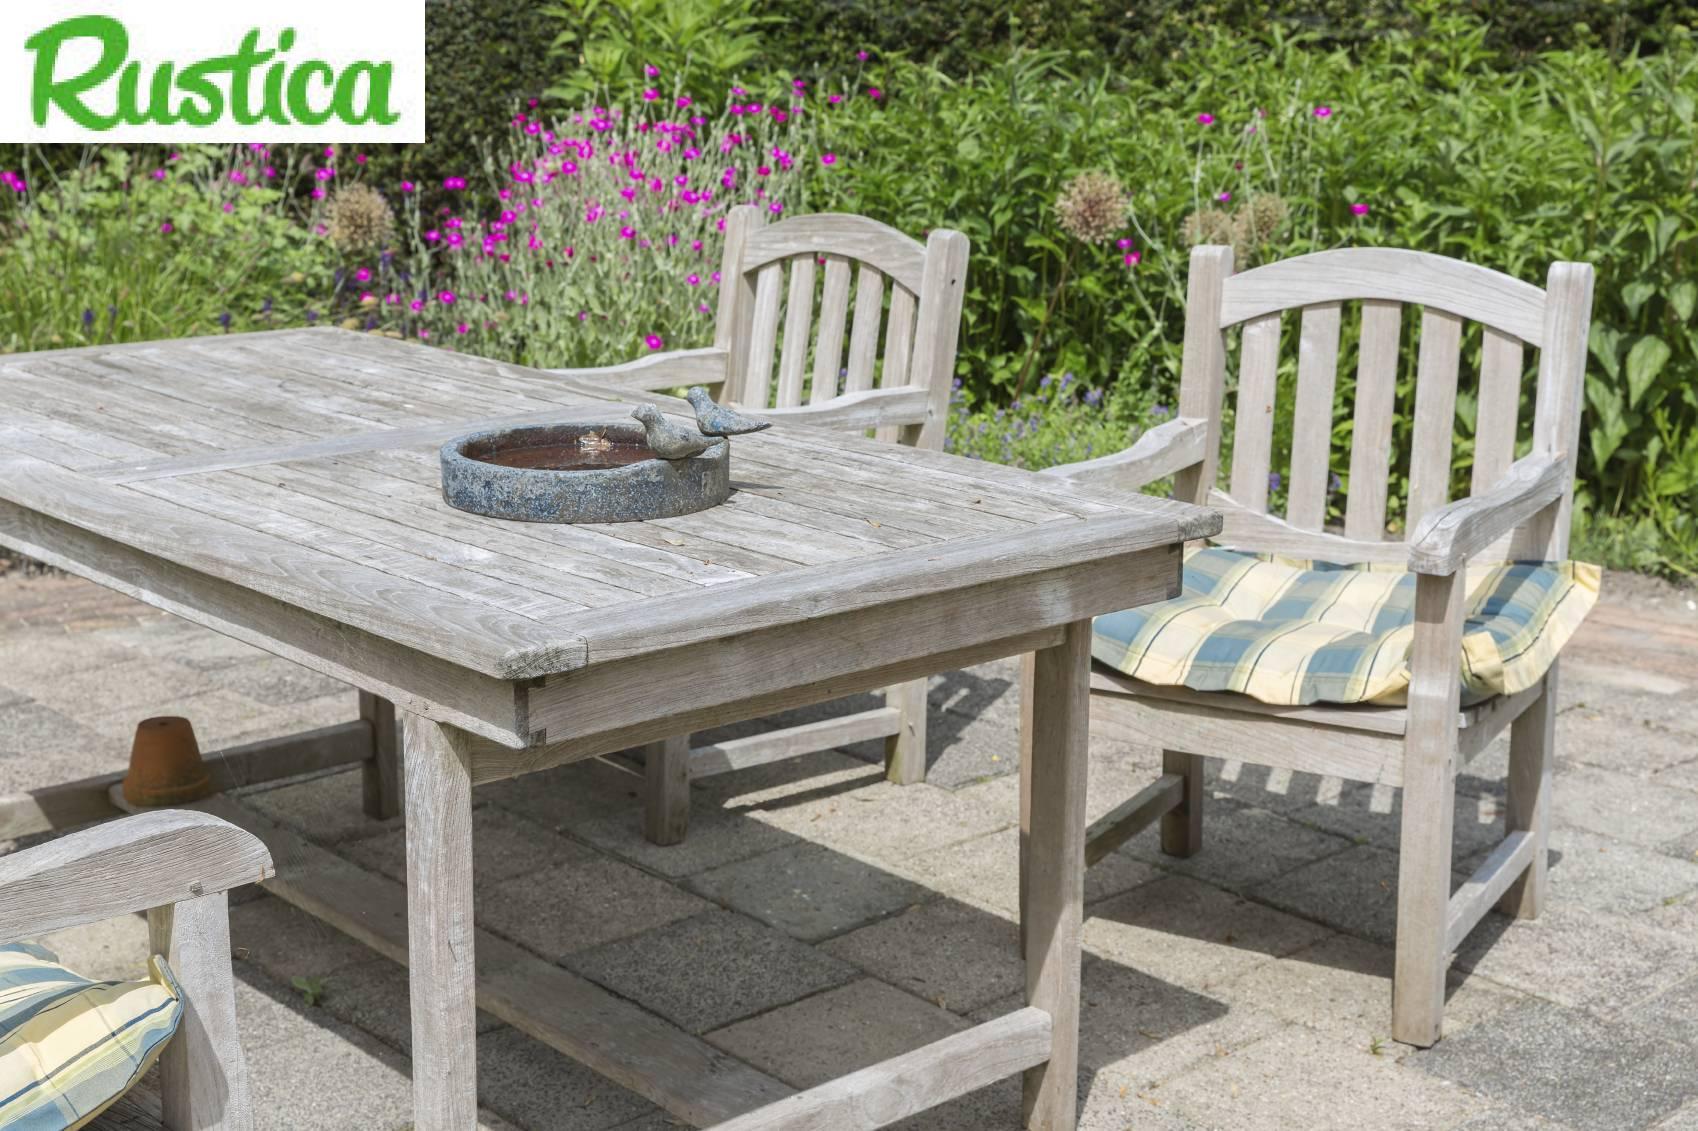 O acheter votre mobilier de jardin - Acheter mobilier de jardin ...